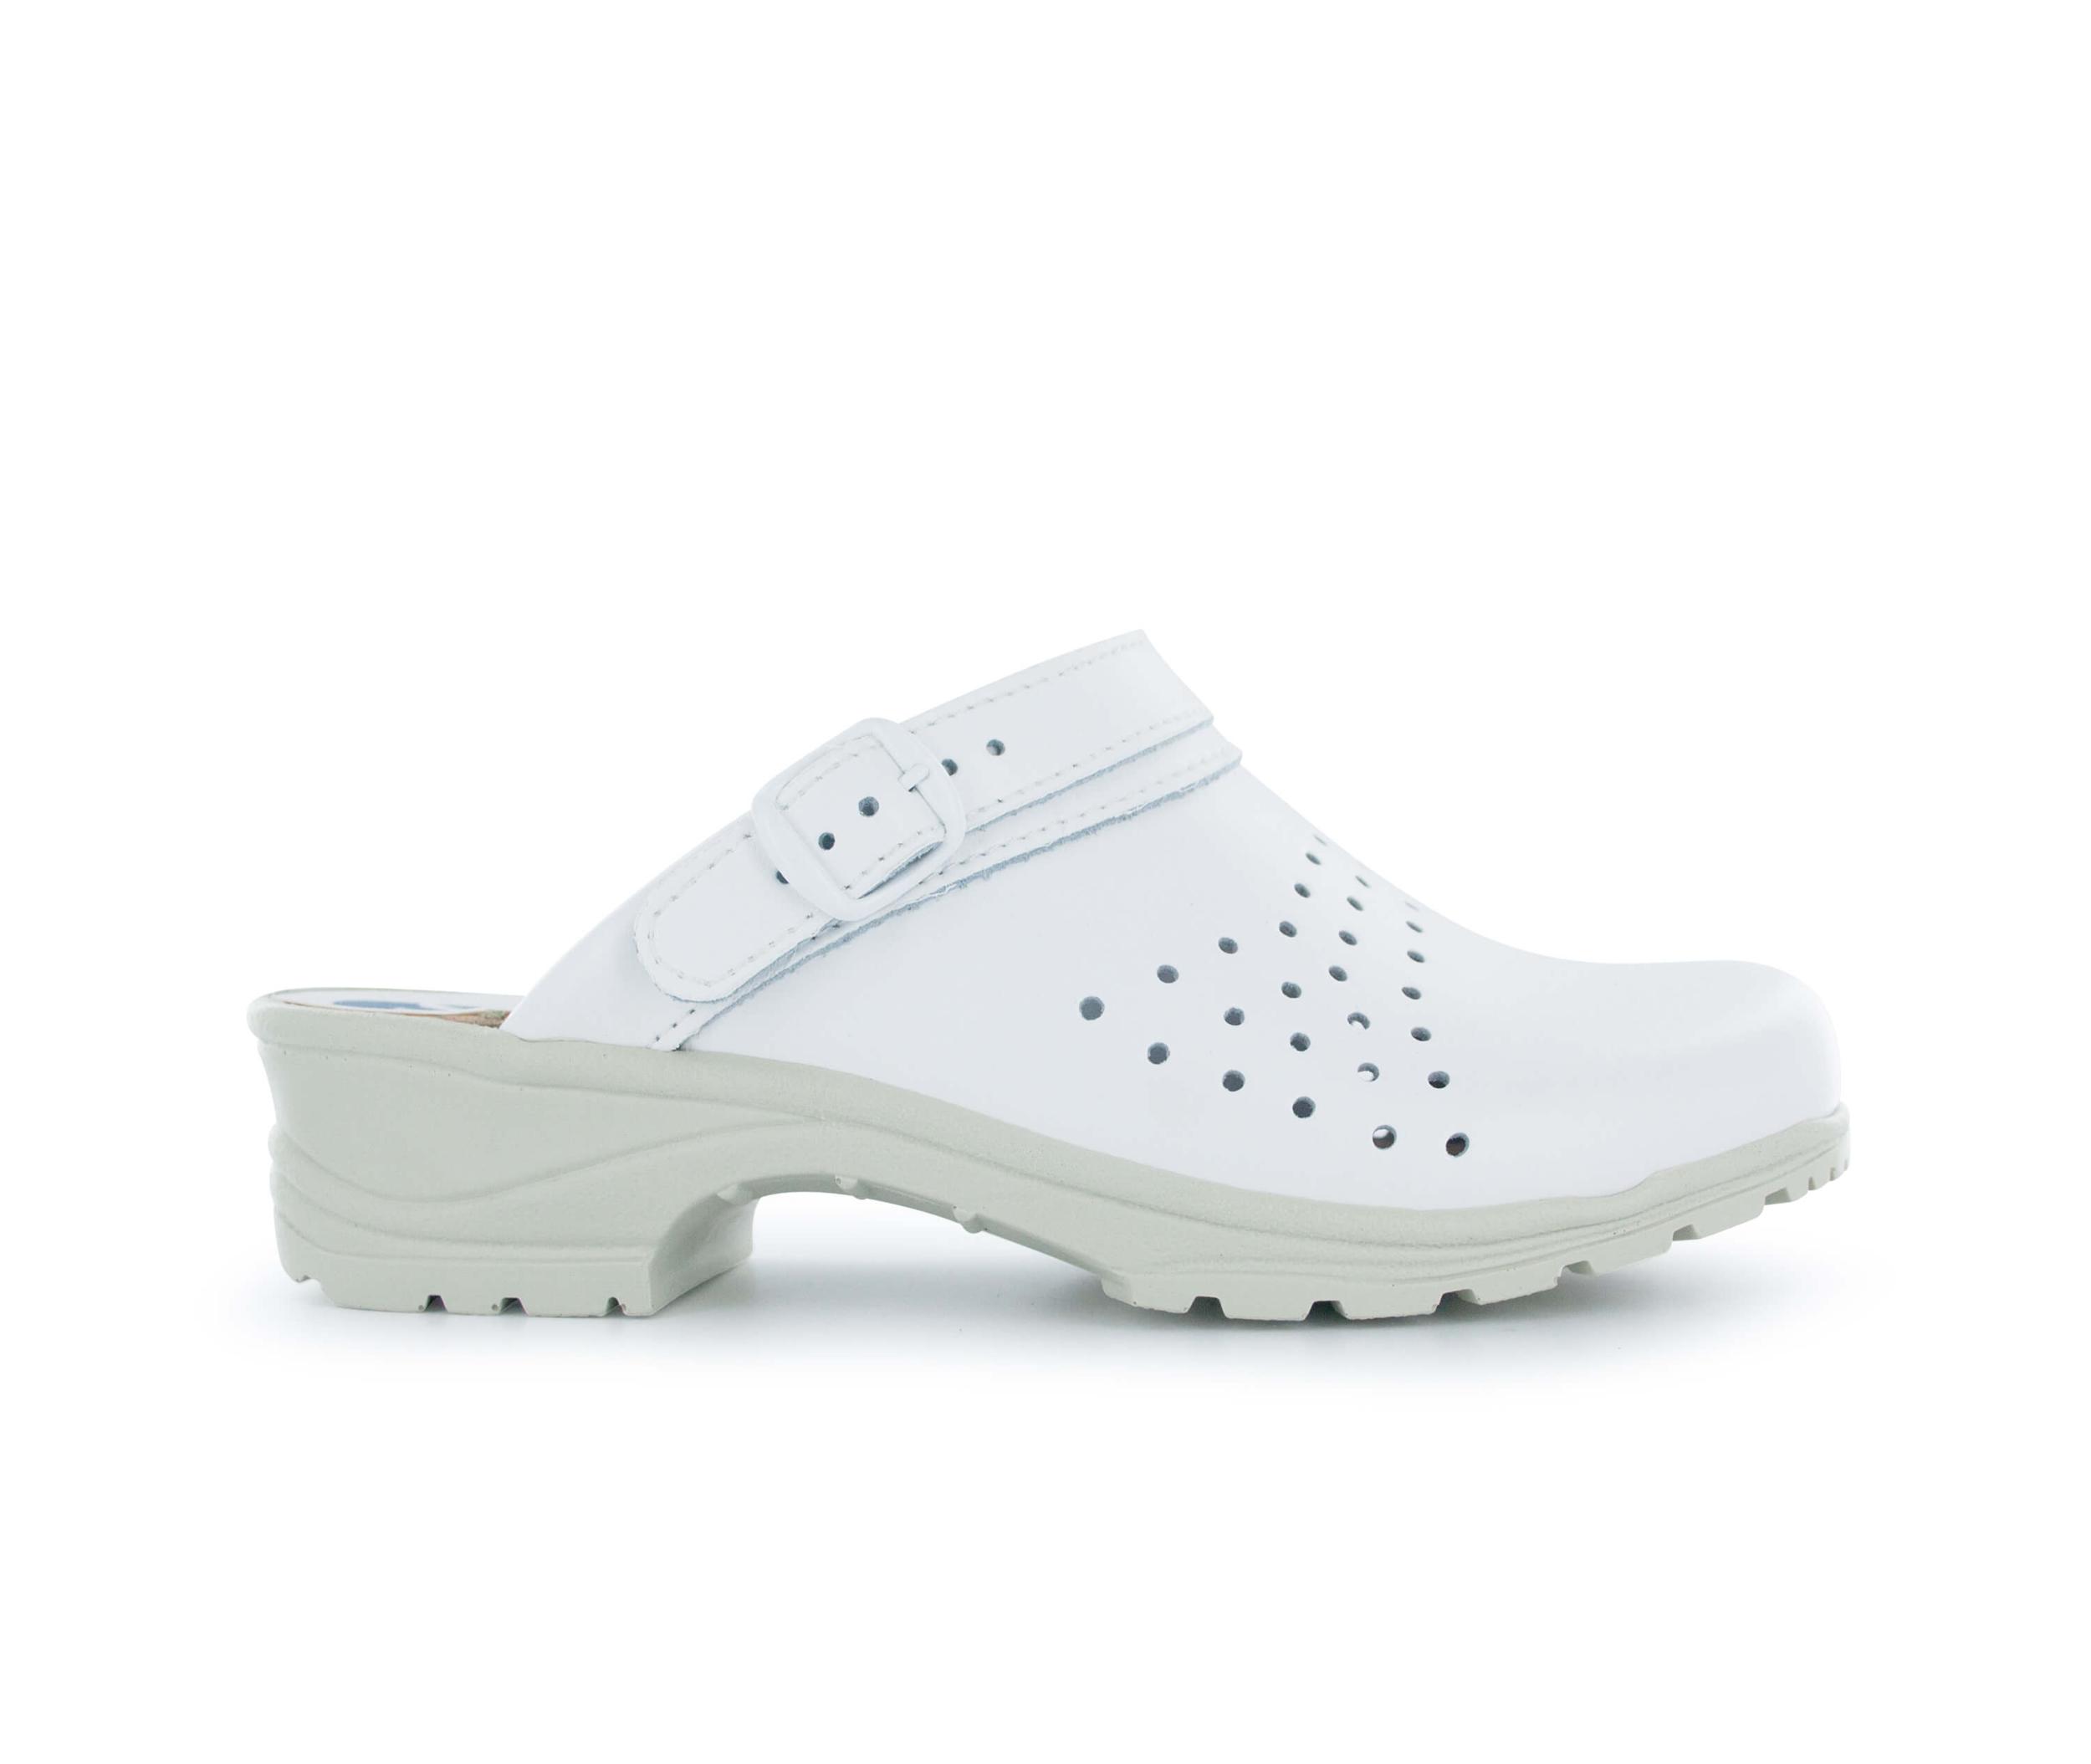 fad959c2013f Chaussures Hôpital et Sabot médical pour Homme au meilleur prix